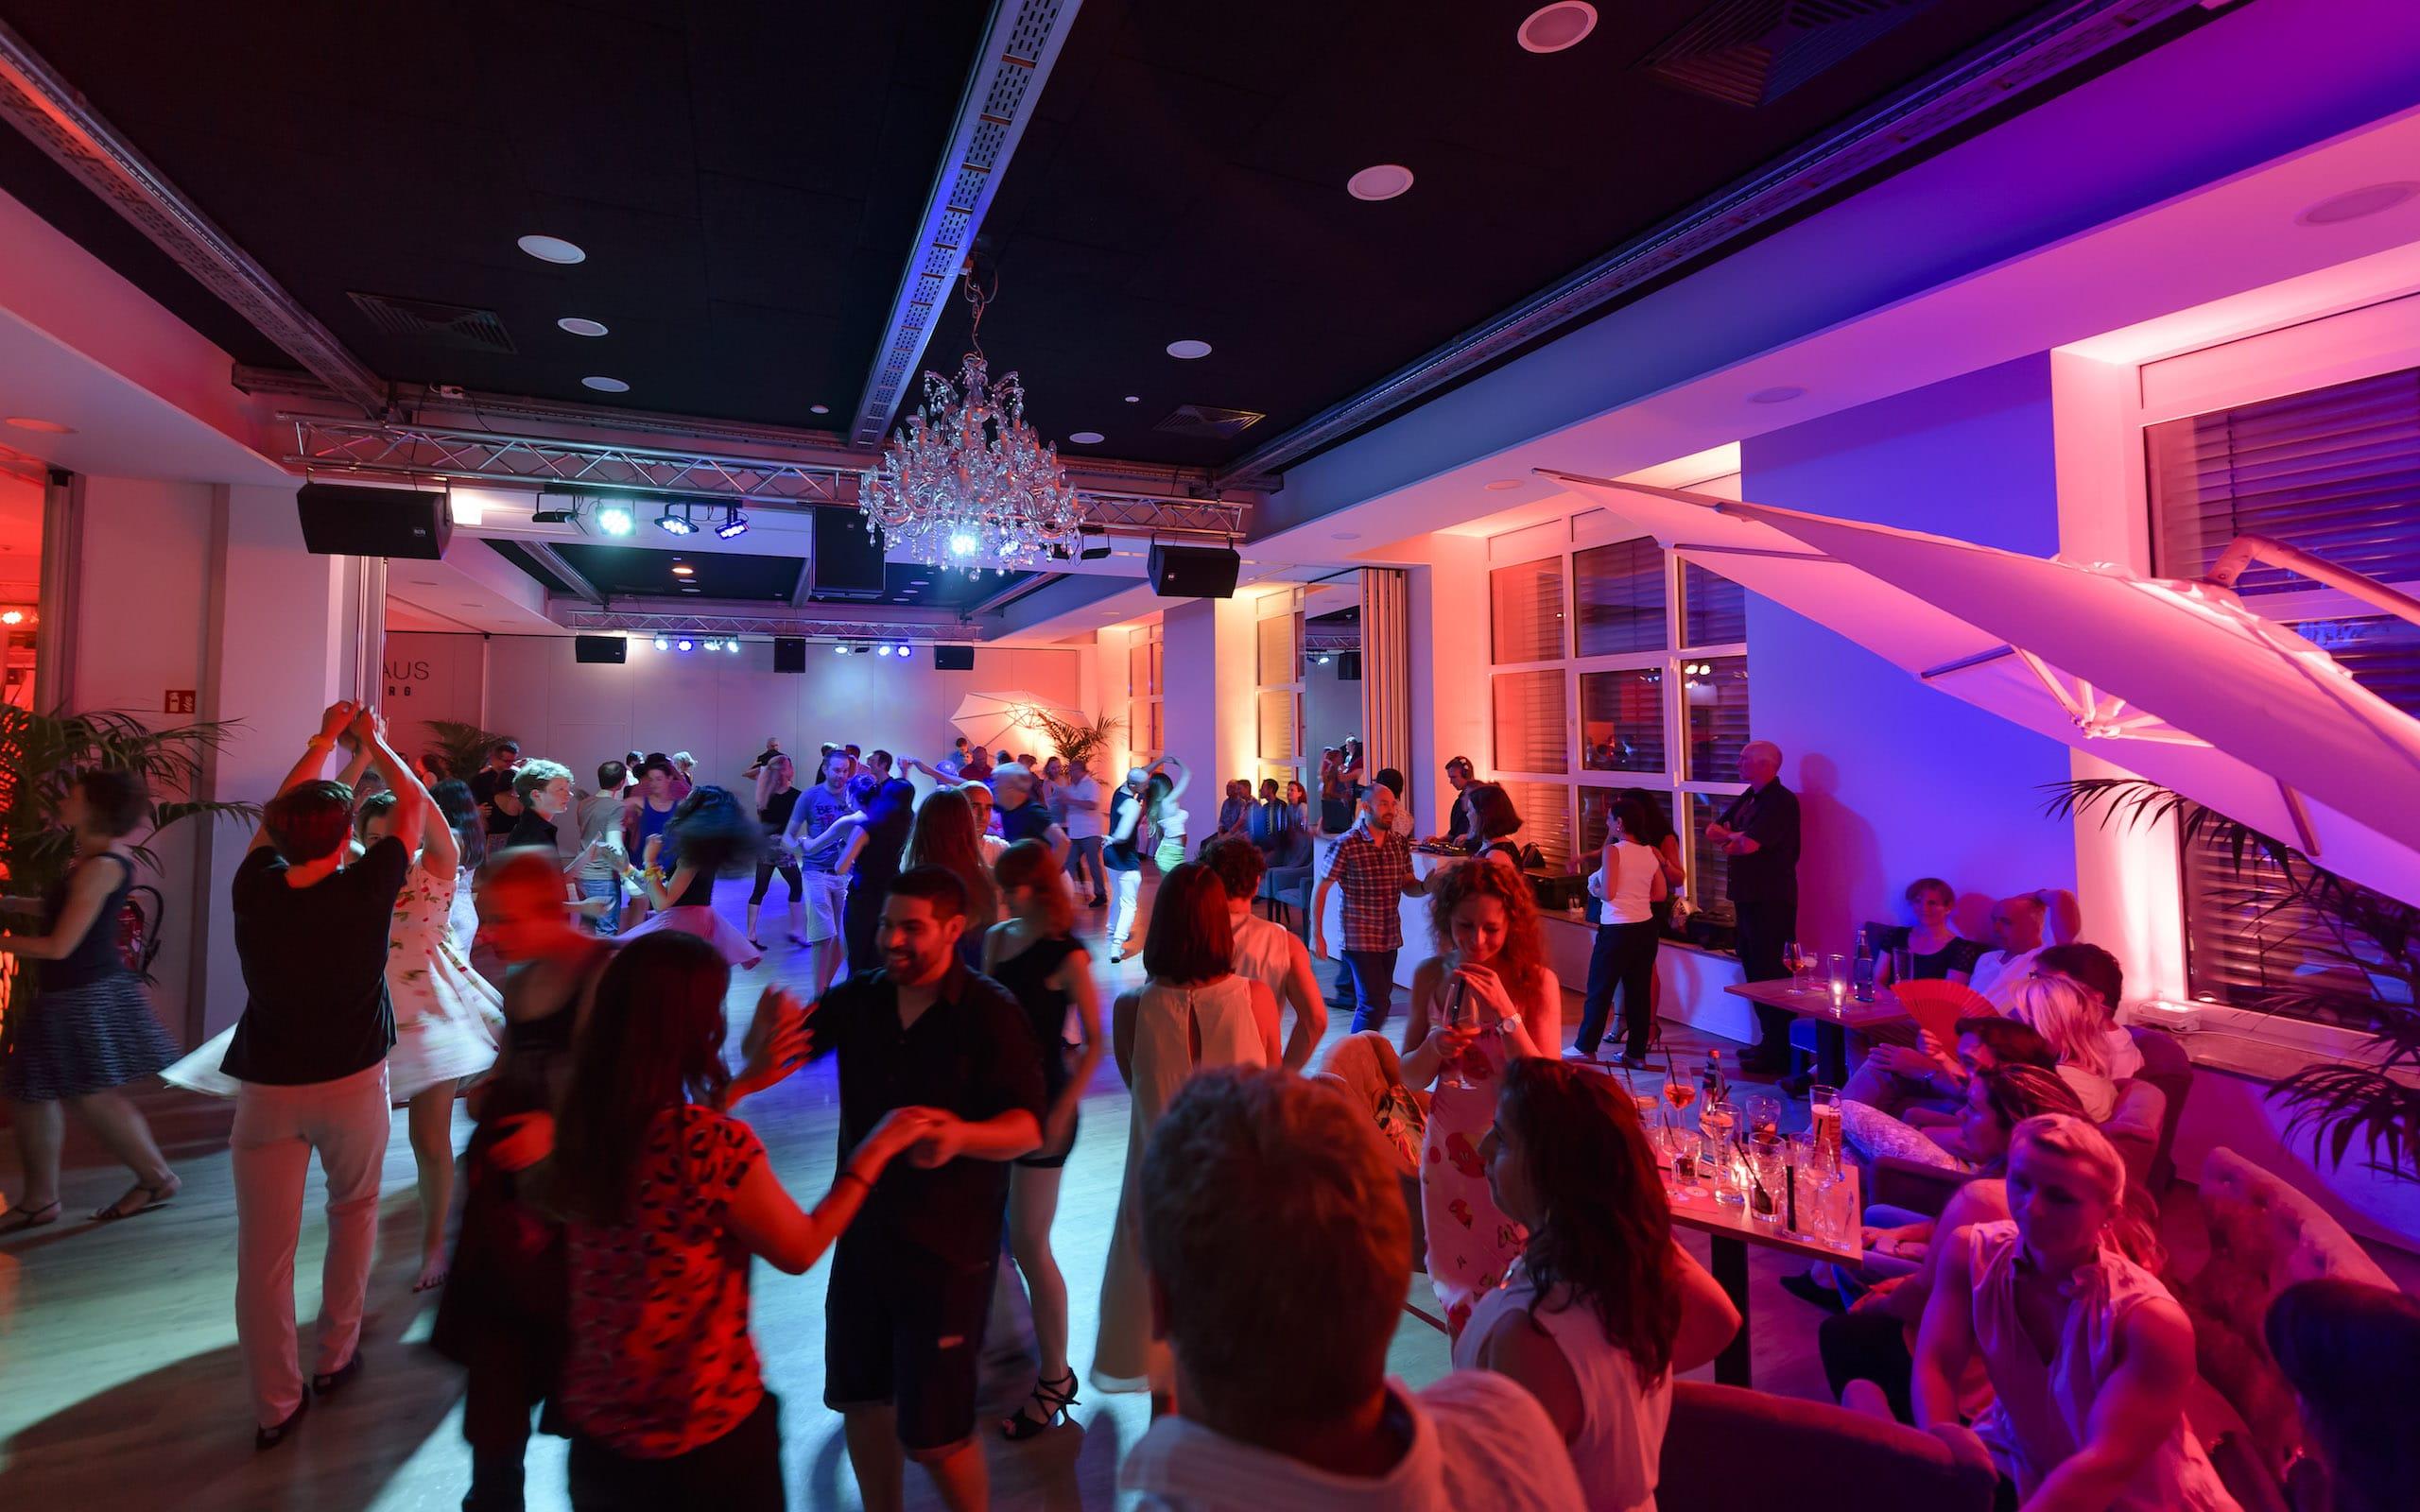 Hier frönen Tanzbegeisterte ihrer Passion: Erste Single-Tanz-Party in Donaueschingen wird zum Hit